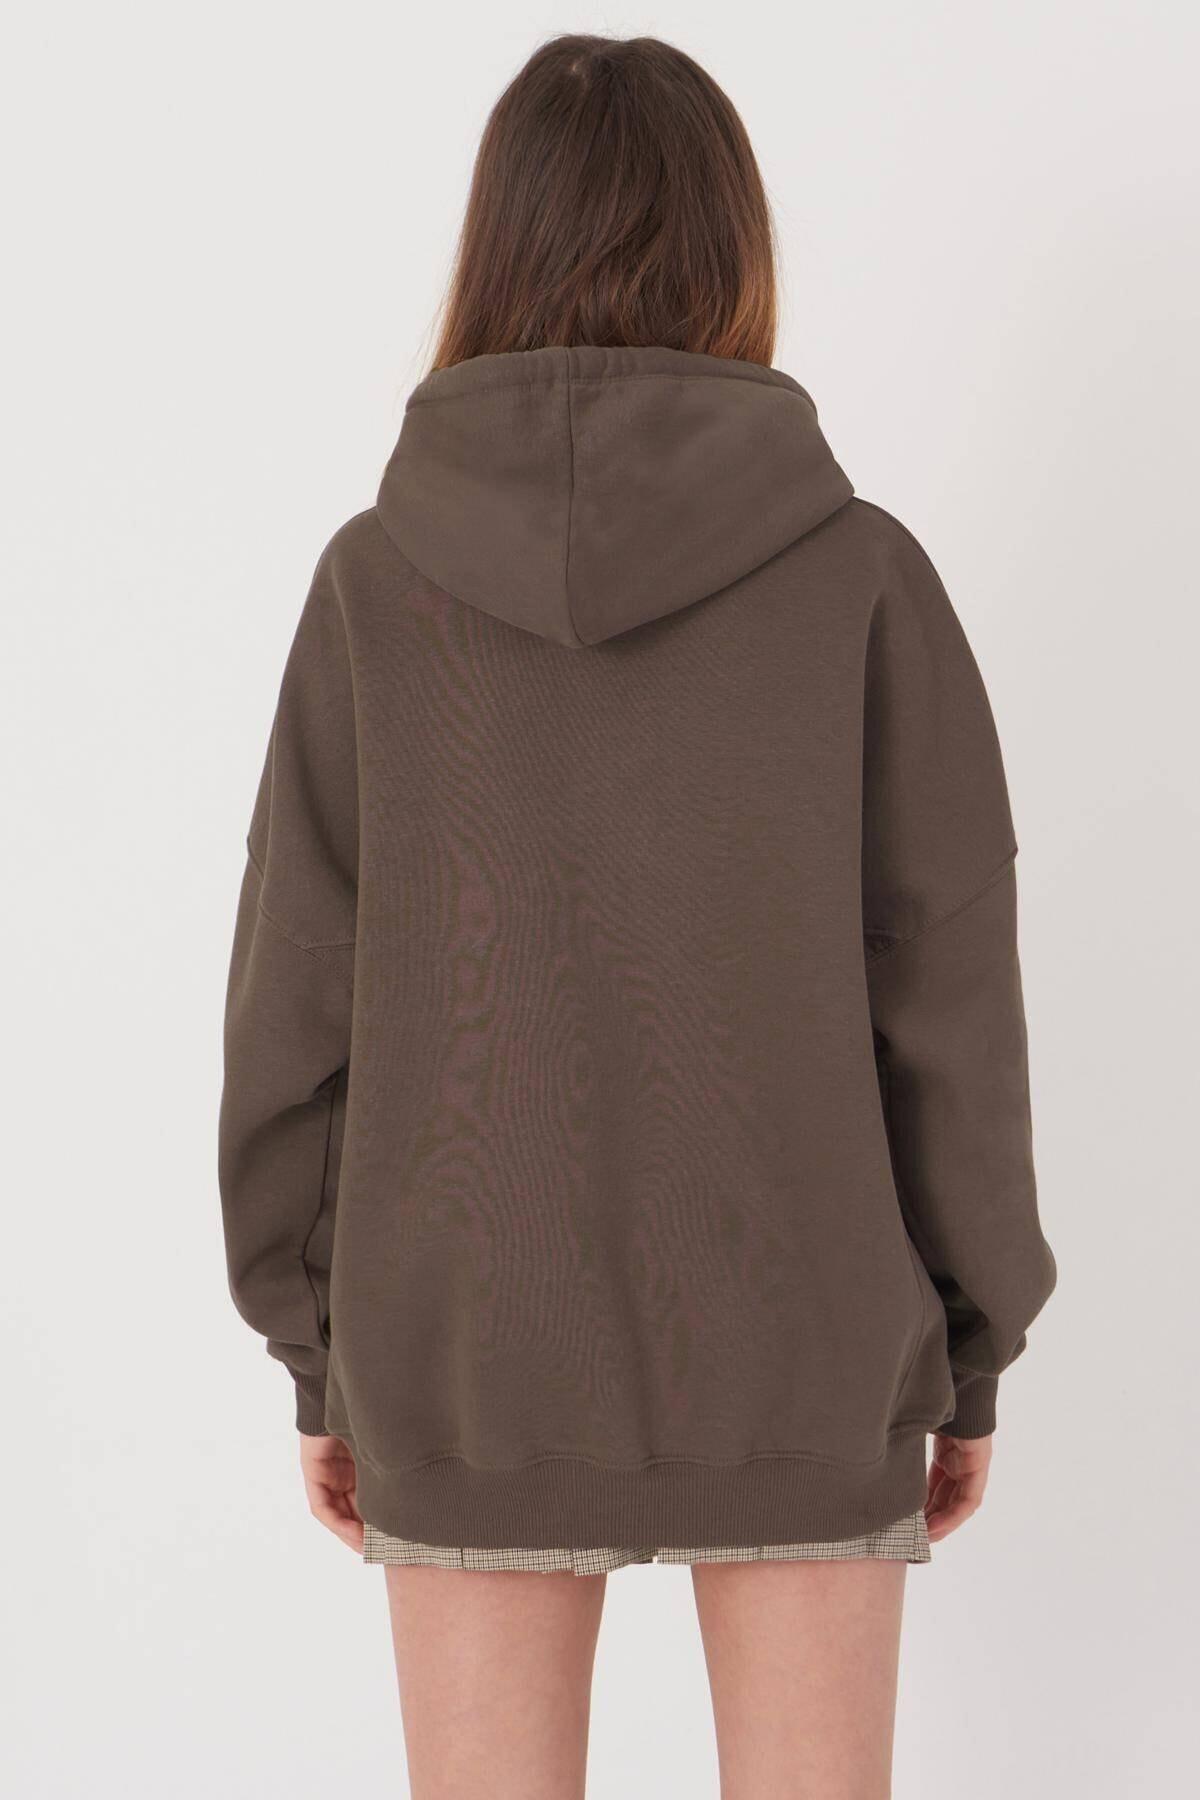 Addax Kadın Vizon Kapüşonlu Sweatshirt S0519 - P10V1 Adx-0000014040 1